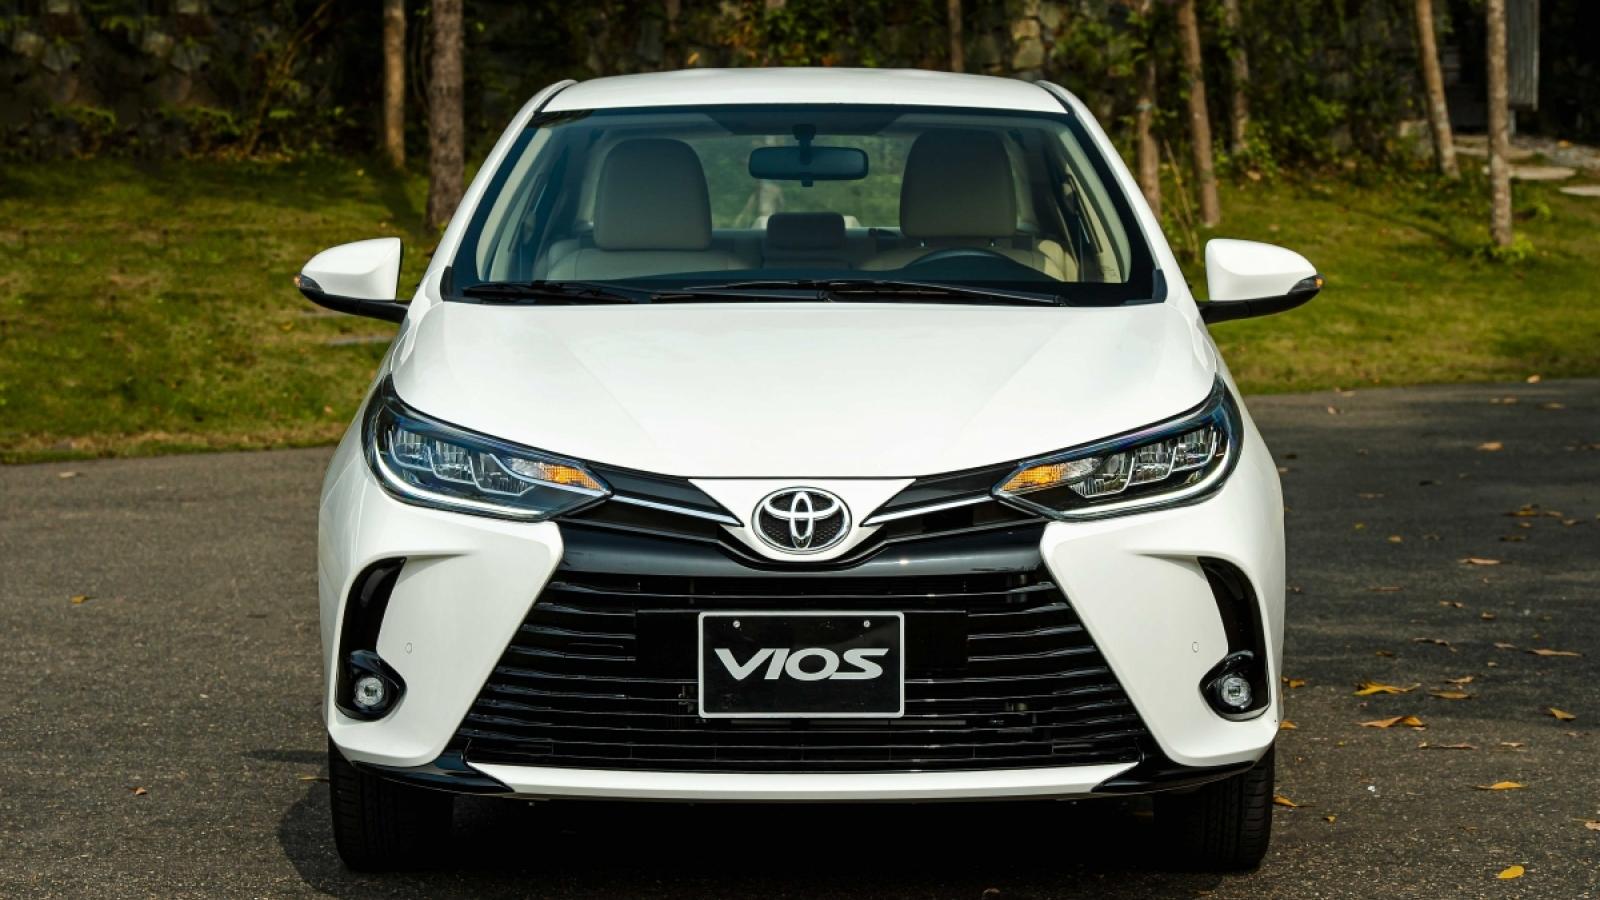 Mua Toyota Vios trong tháng 5 được tặng ngay gói bảo hiểm 1 năm